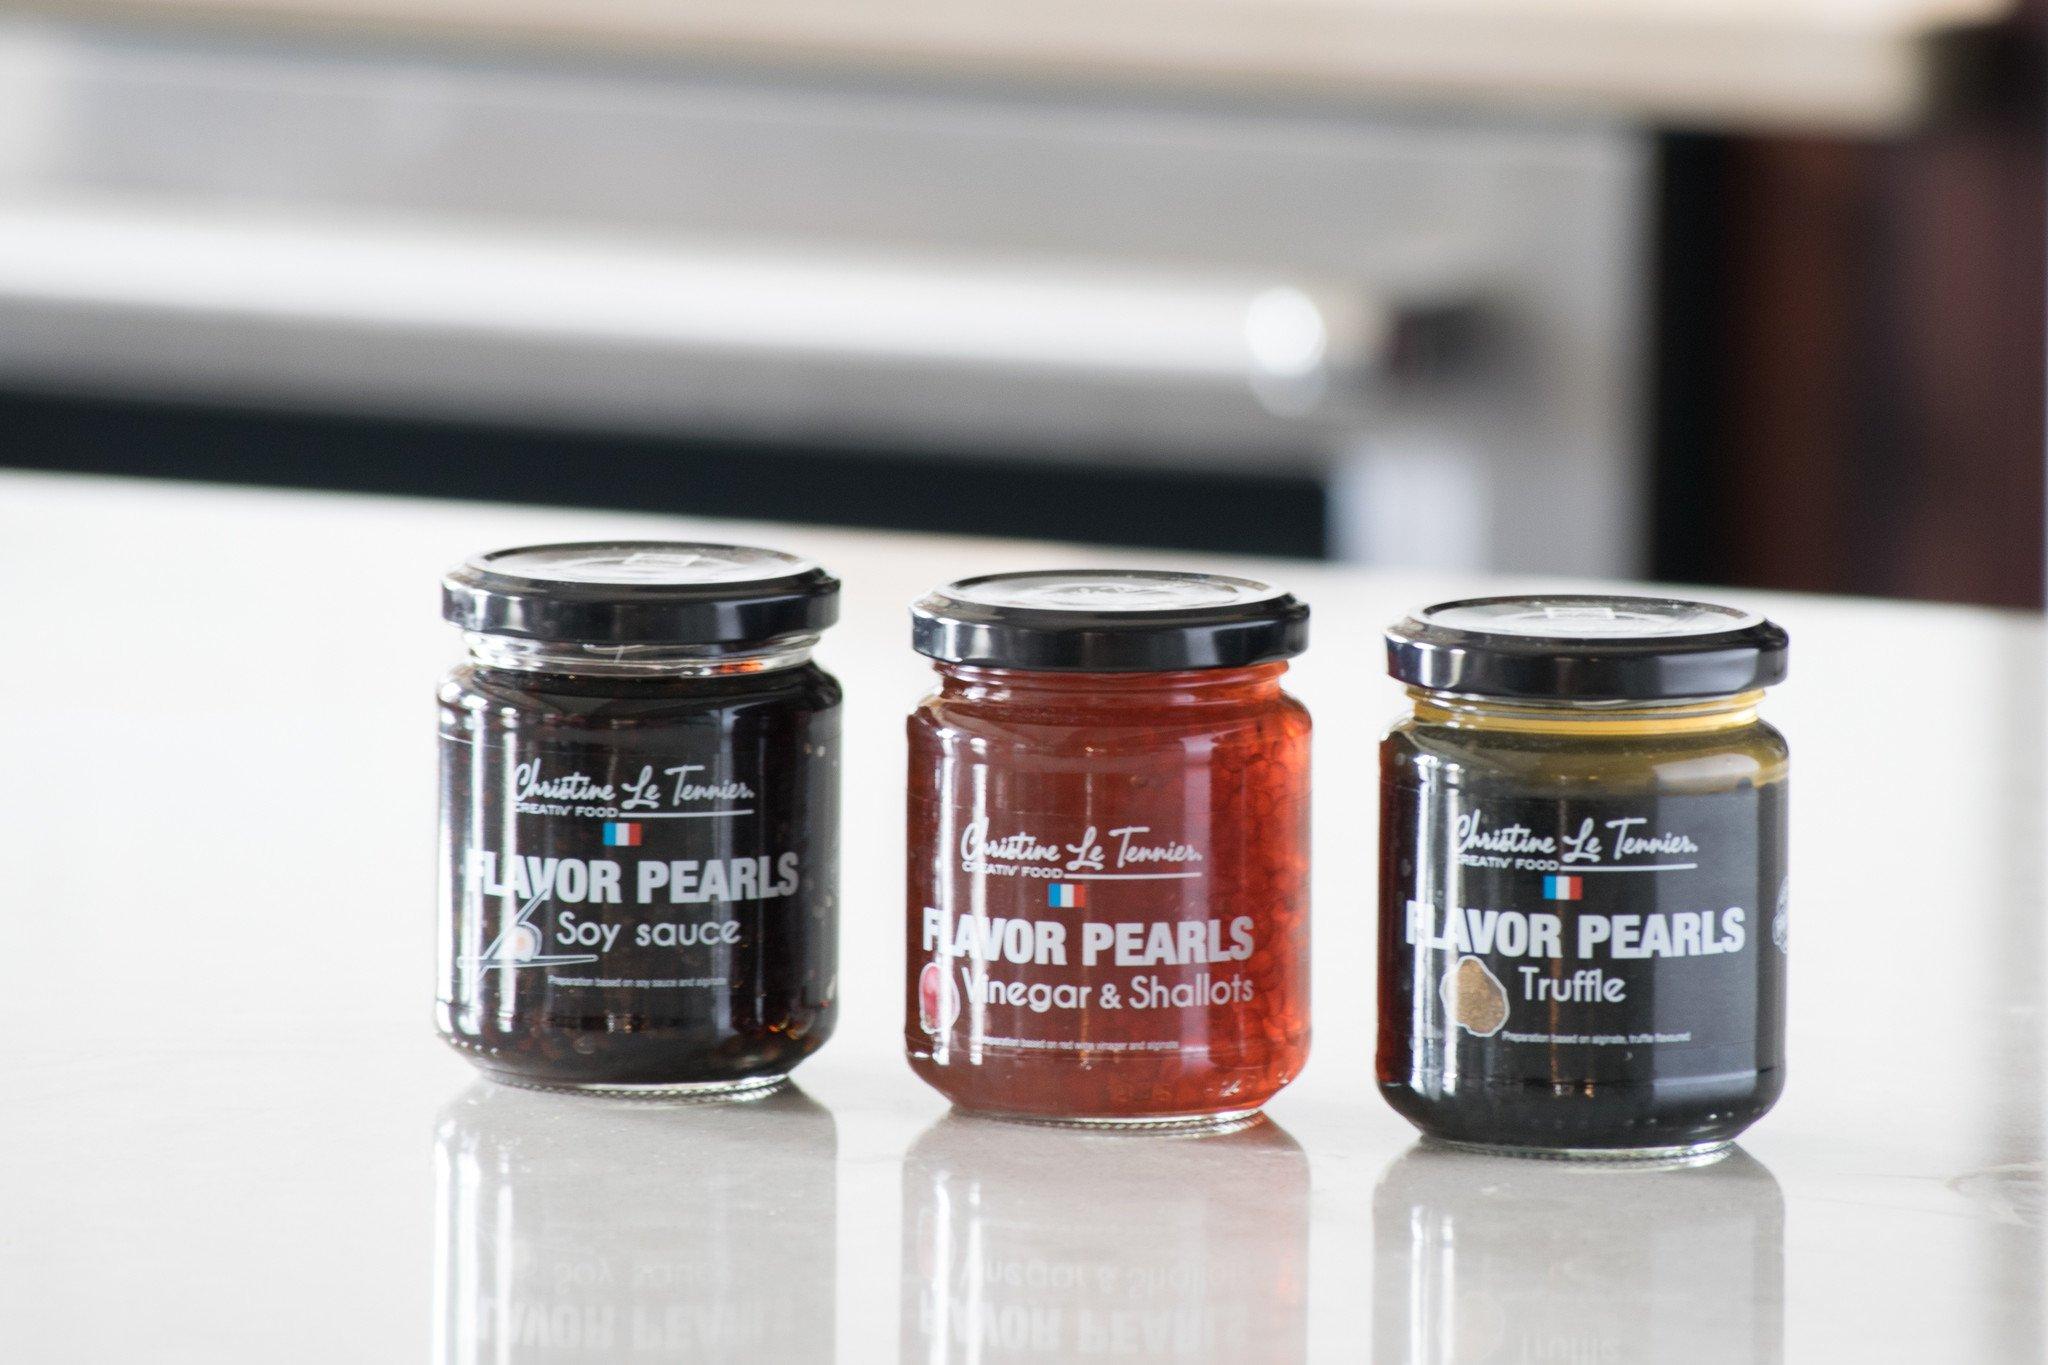 Christine-Le-Tennier-Flavor-Pearls